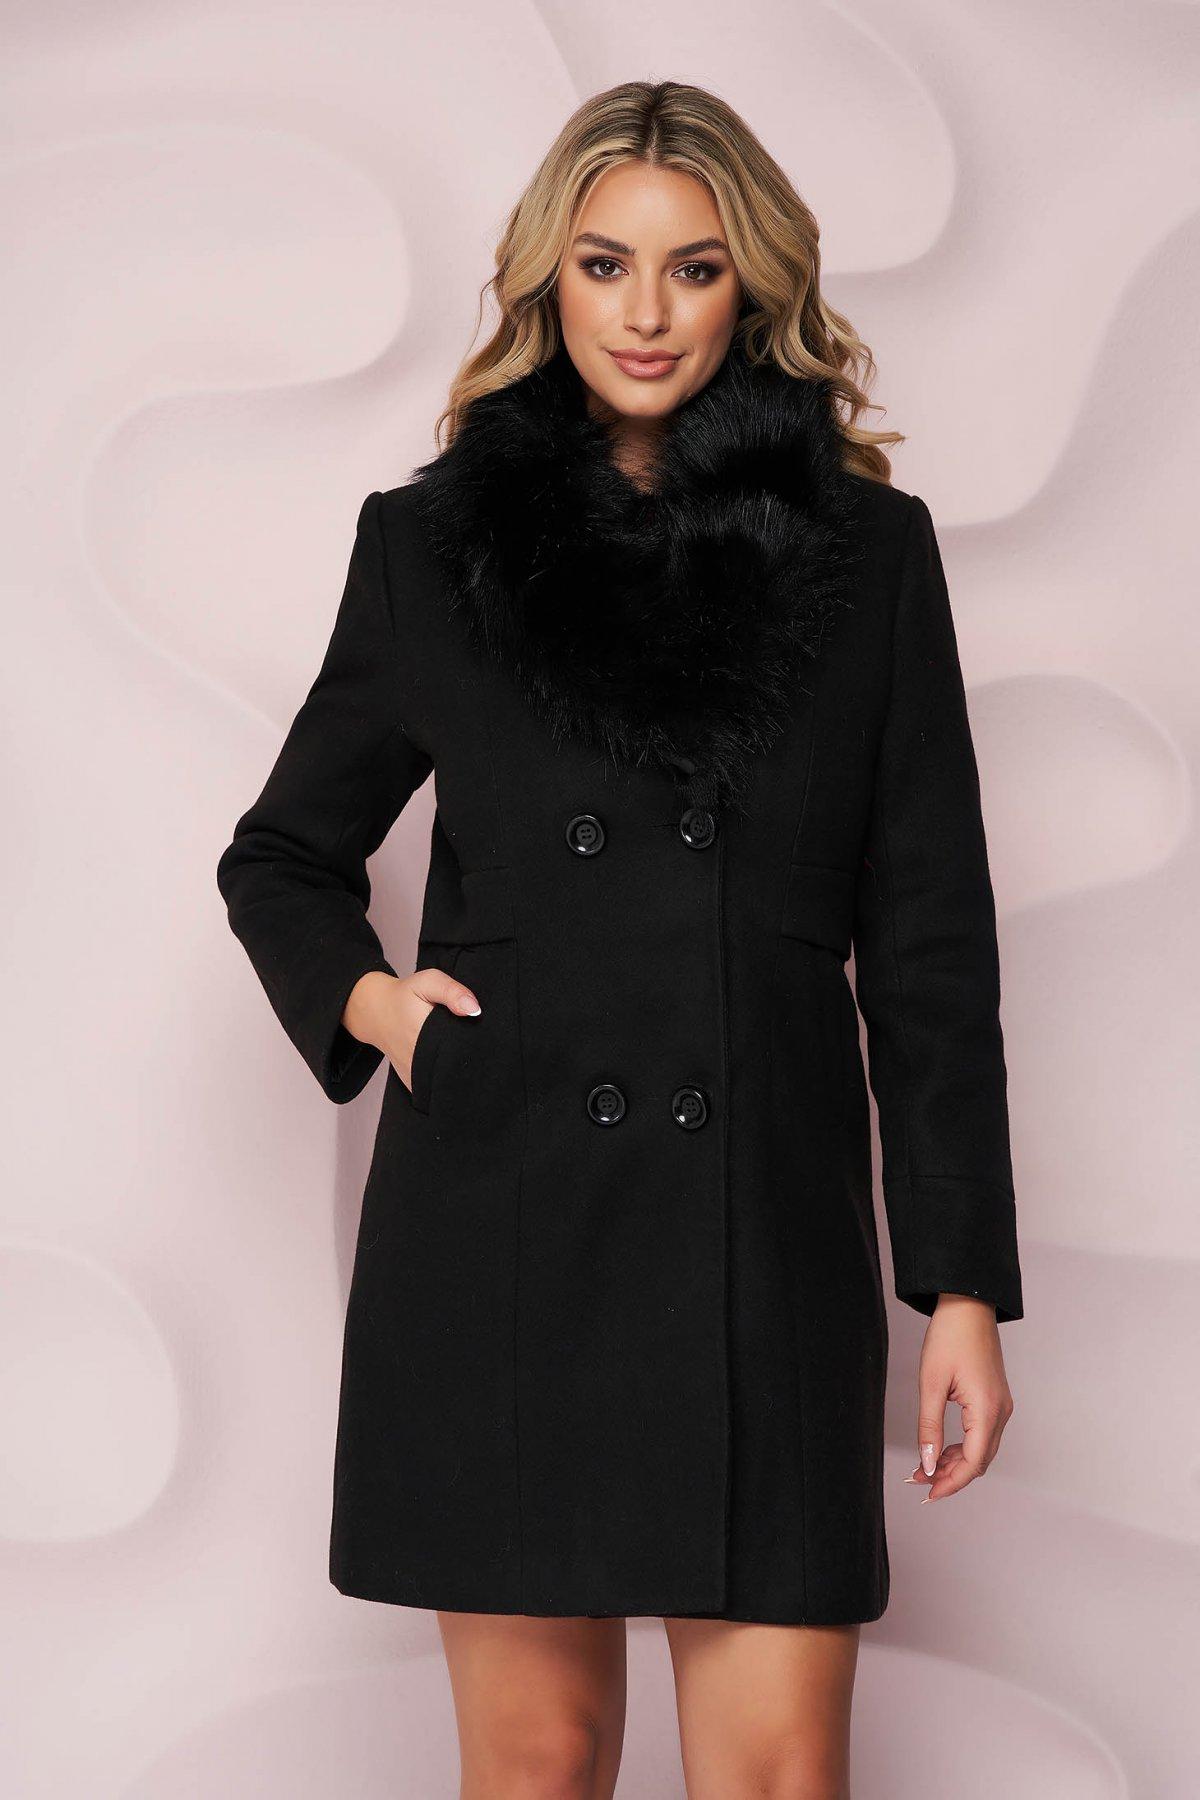 Palton SunShine negru elegant cu un croi cambrat din material gros cu insertii de blana ecologica detasabile la guler